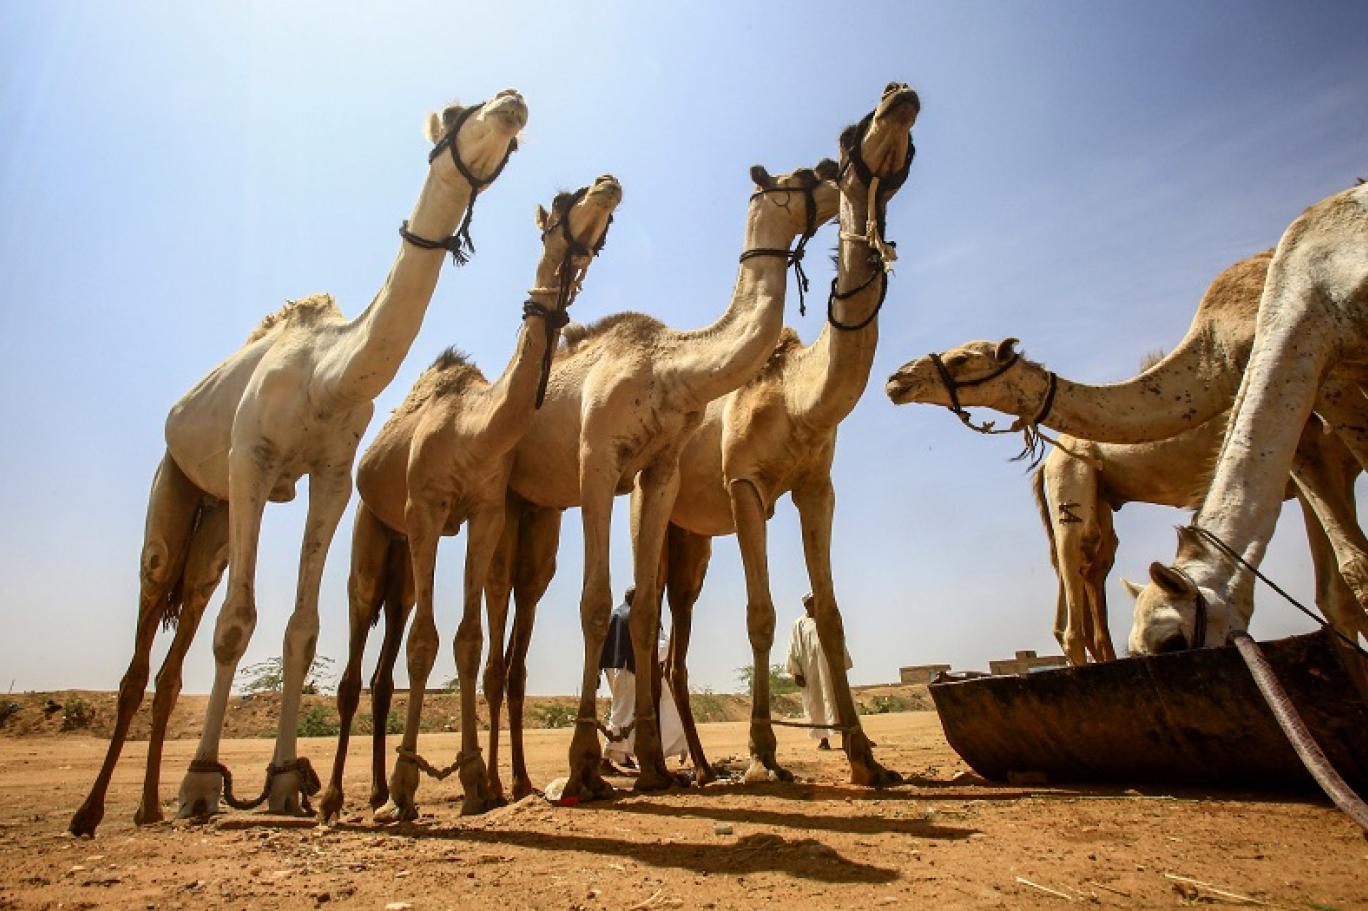 تجار الإبل في سوق المويلح السودانية ينأون بأنفسهم عن أحداث البلاد الثورية اندبندنت عربية